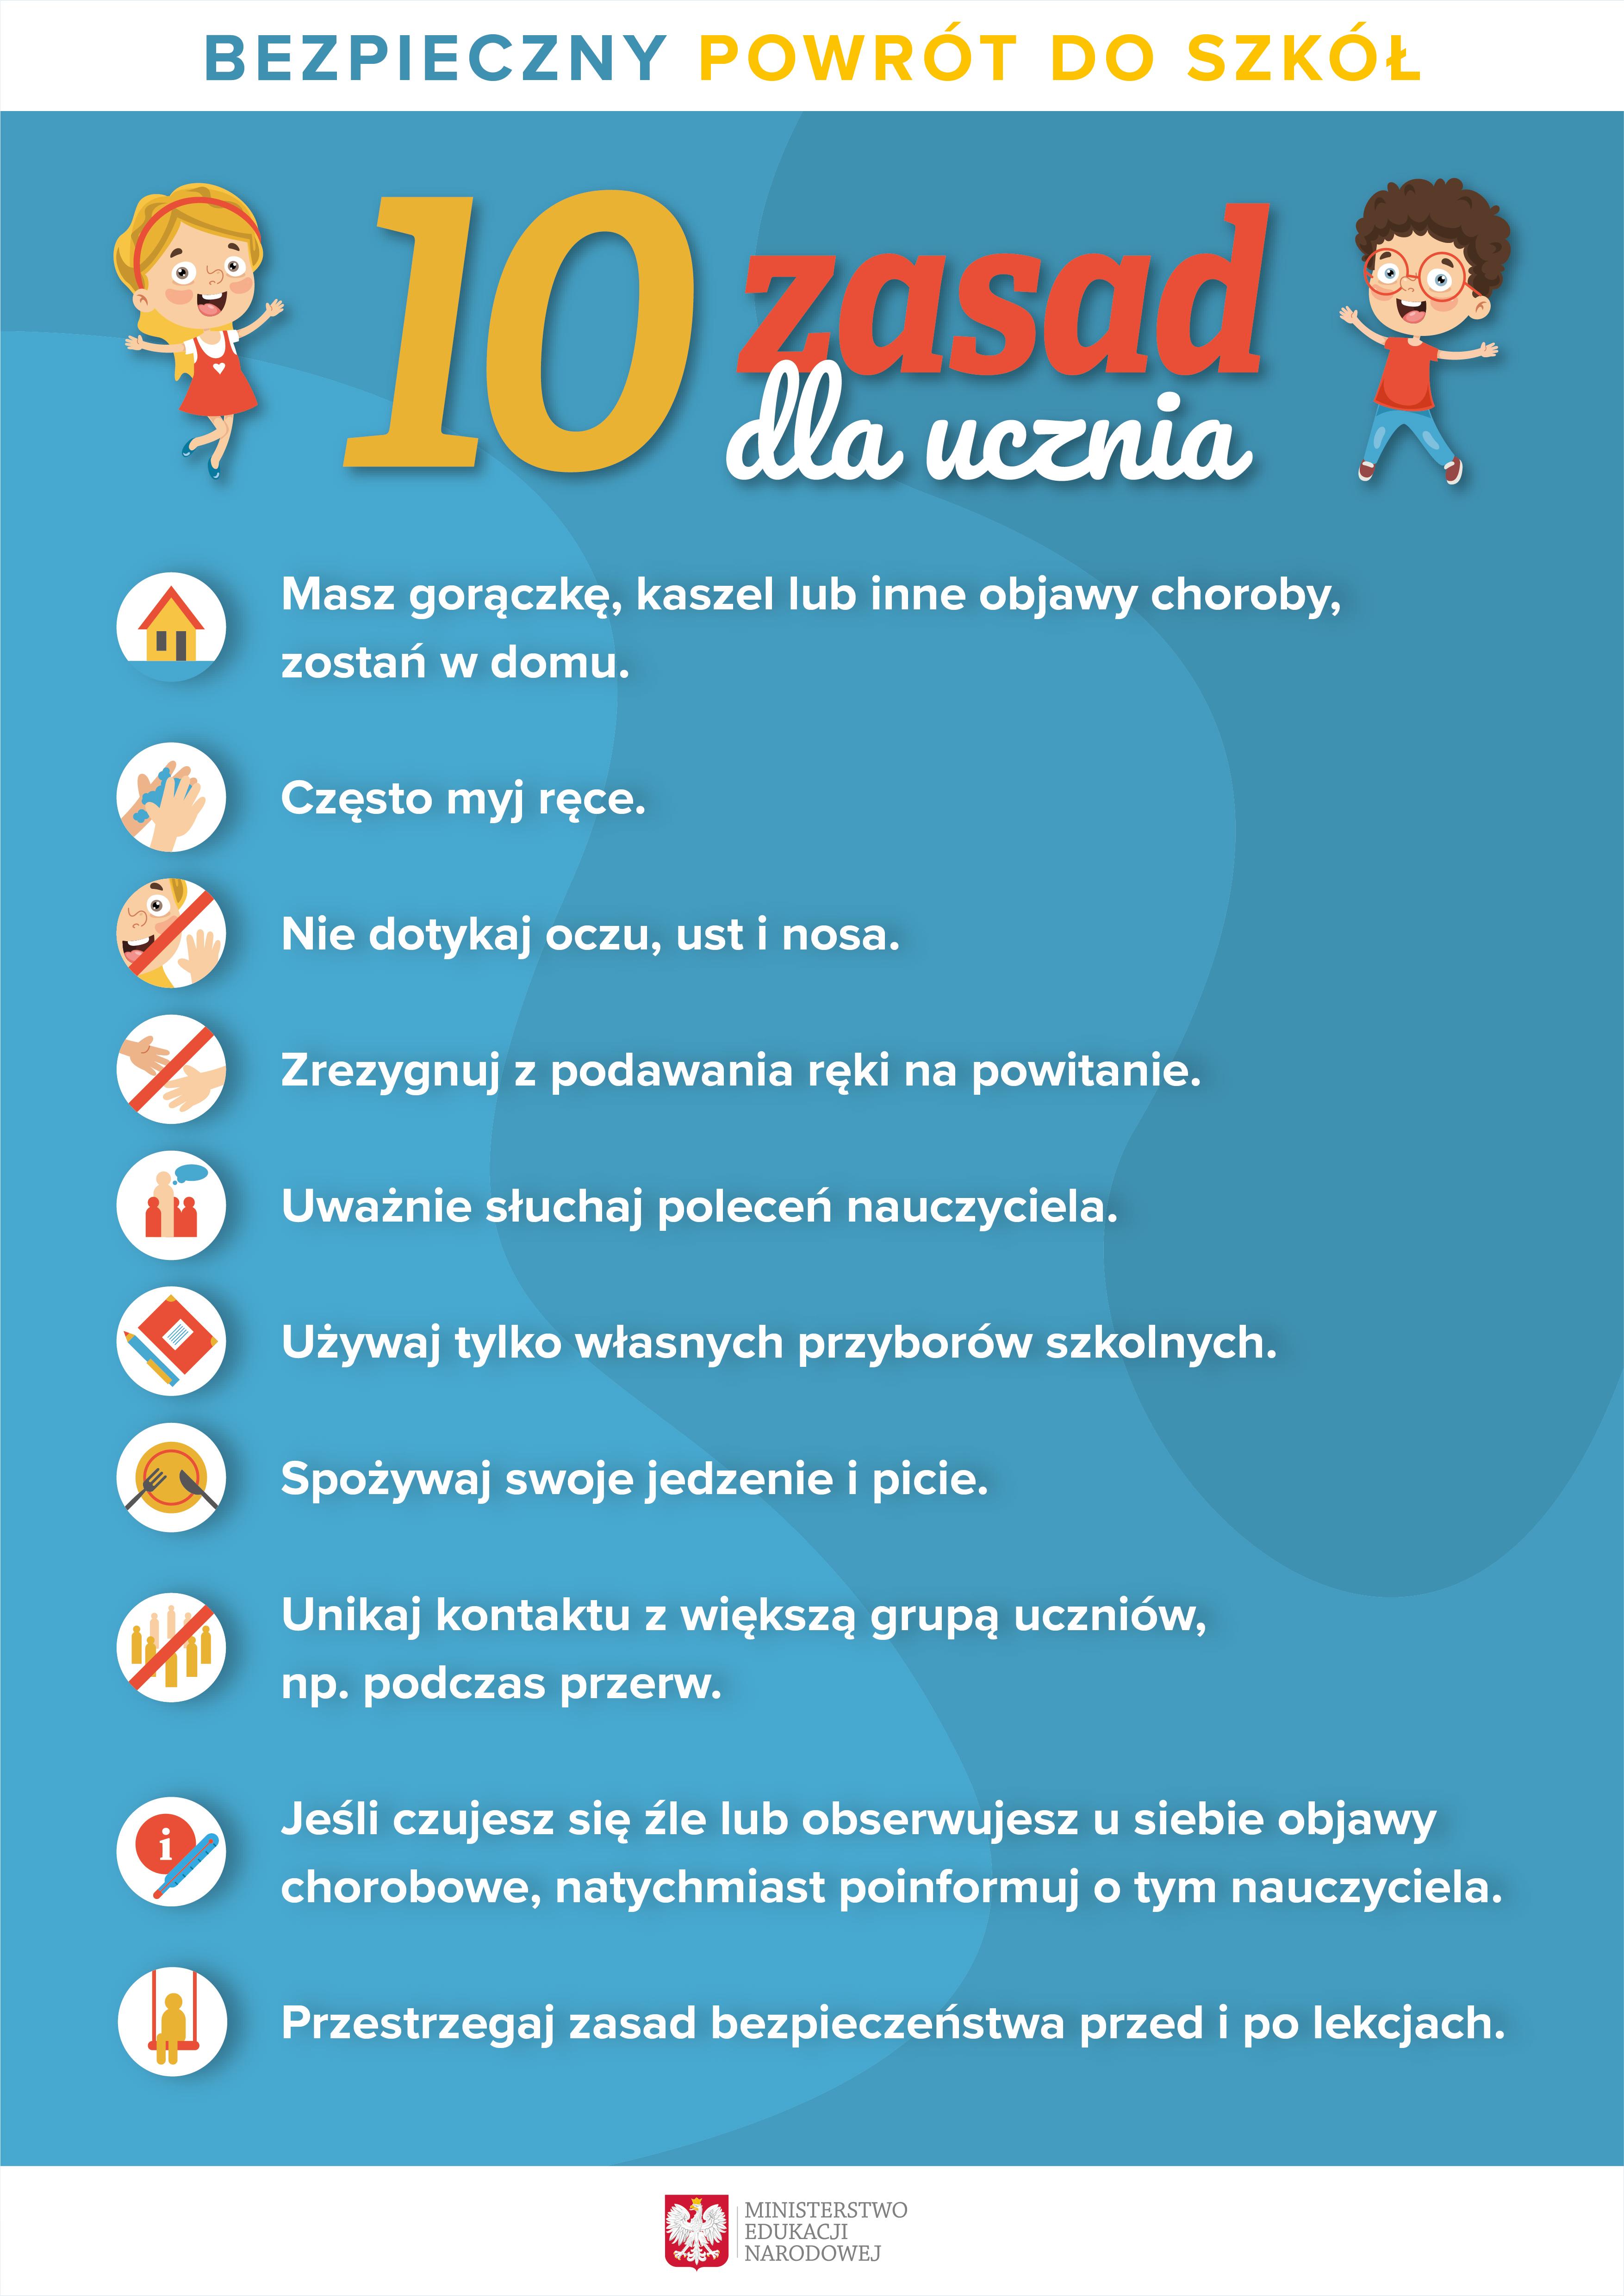 10 zasad bezpieczeństwa dla ucznia!